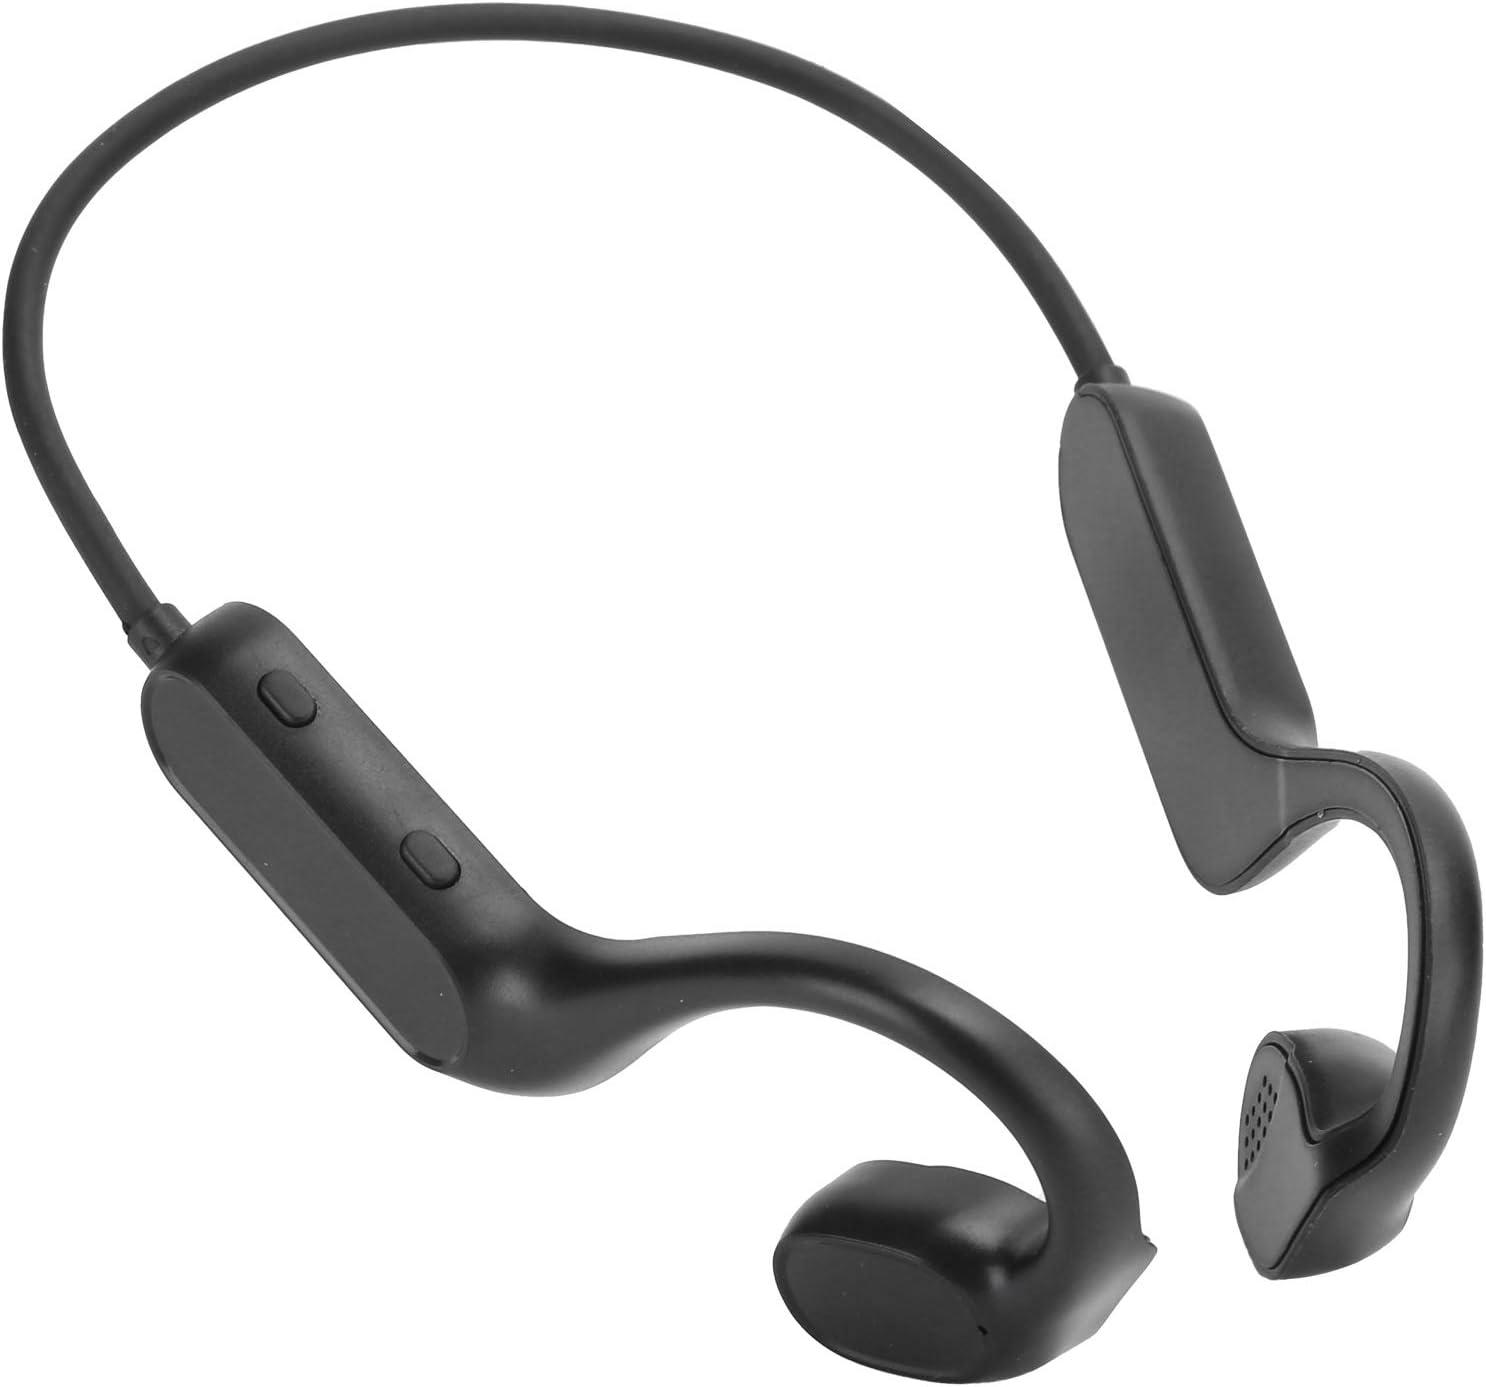 T angxi Auriculares inalámbricos de conducción ósea, Auriculares con reducción de Ruido CVC de conducción ósea, inalámbricos, Impermeables, Deportivos, sin Dolor, montados en la Cabeza Bluetooth 5.1